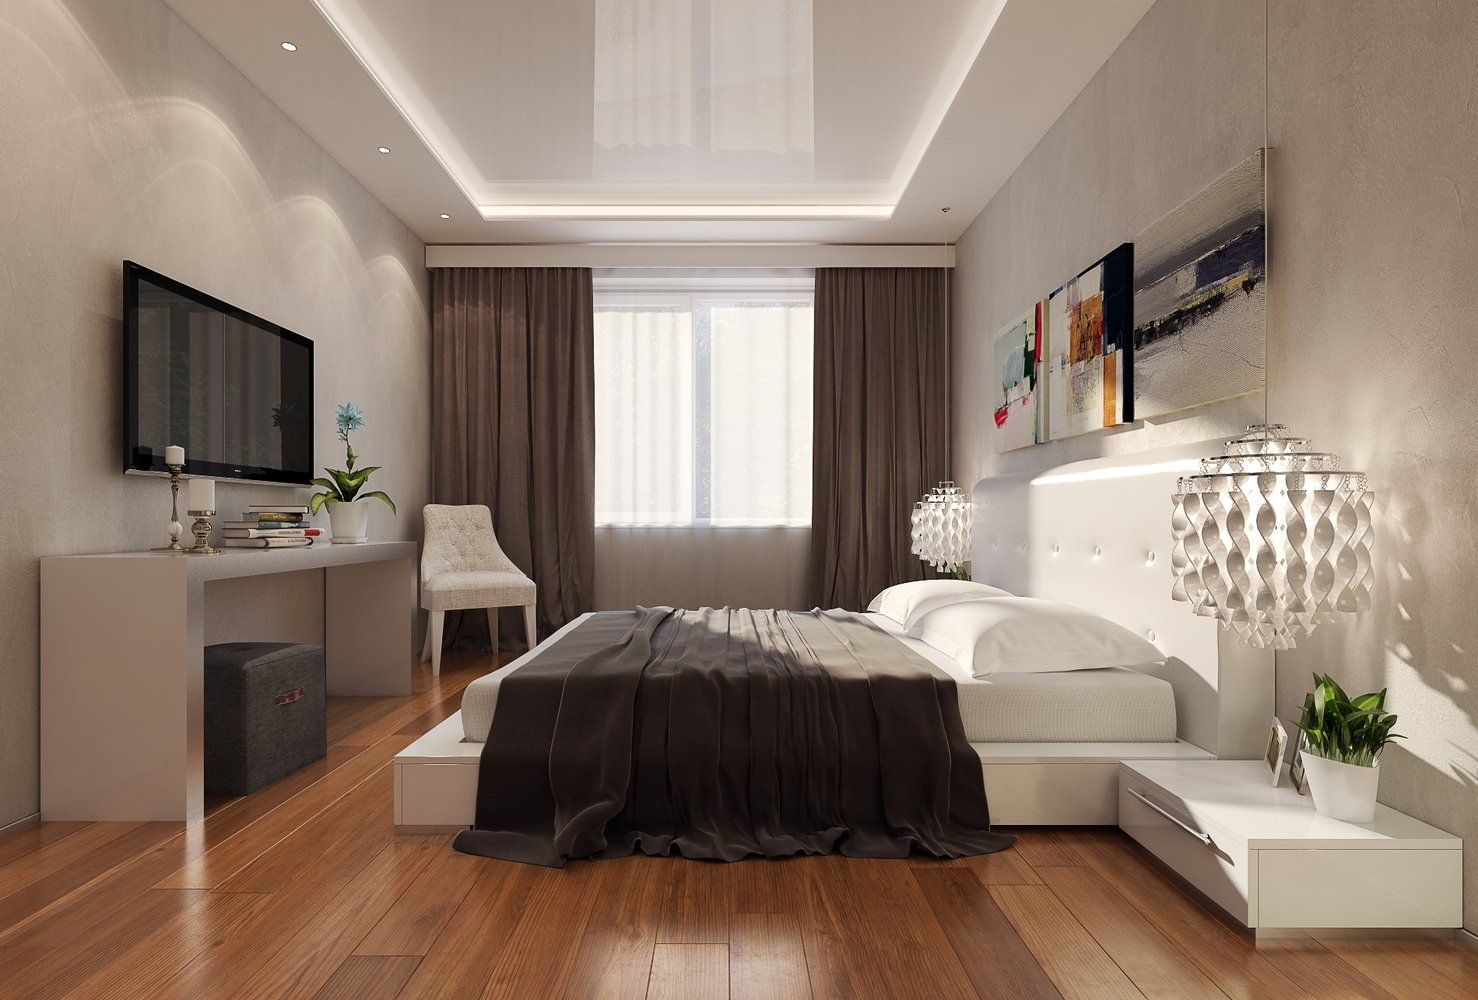 фото спальня потолки